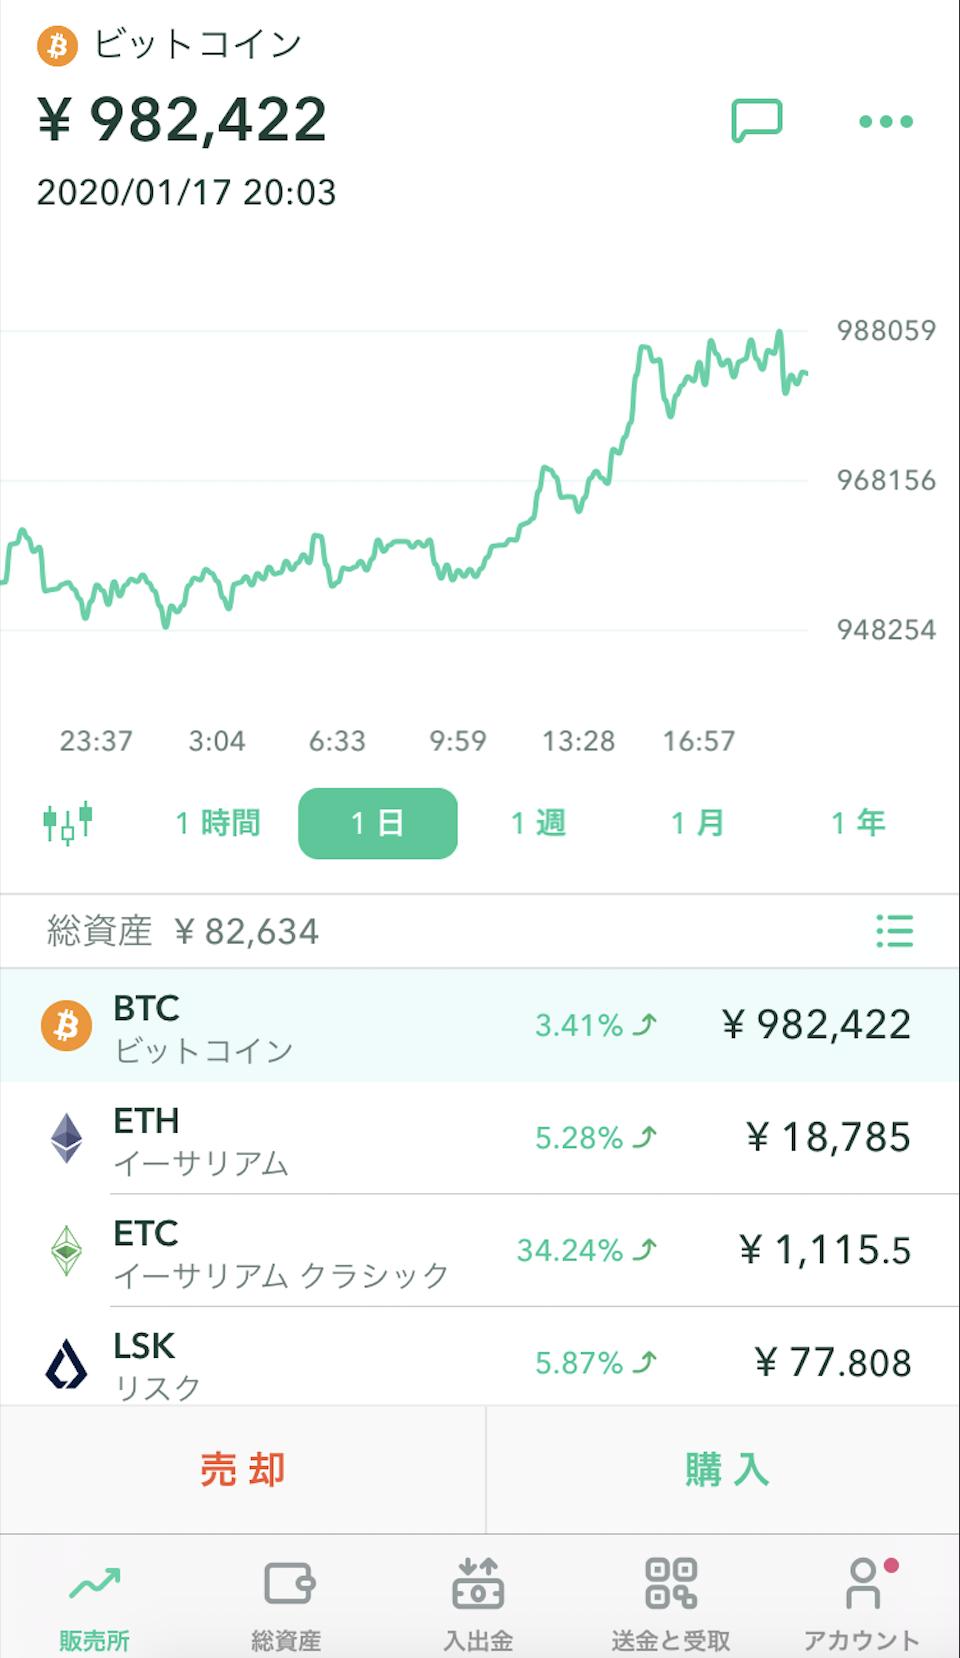 コイン送金